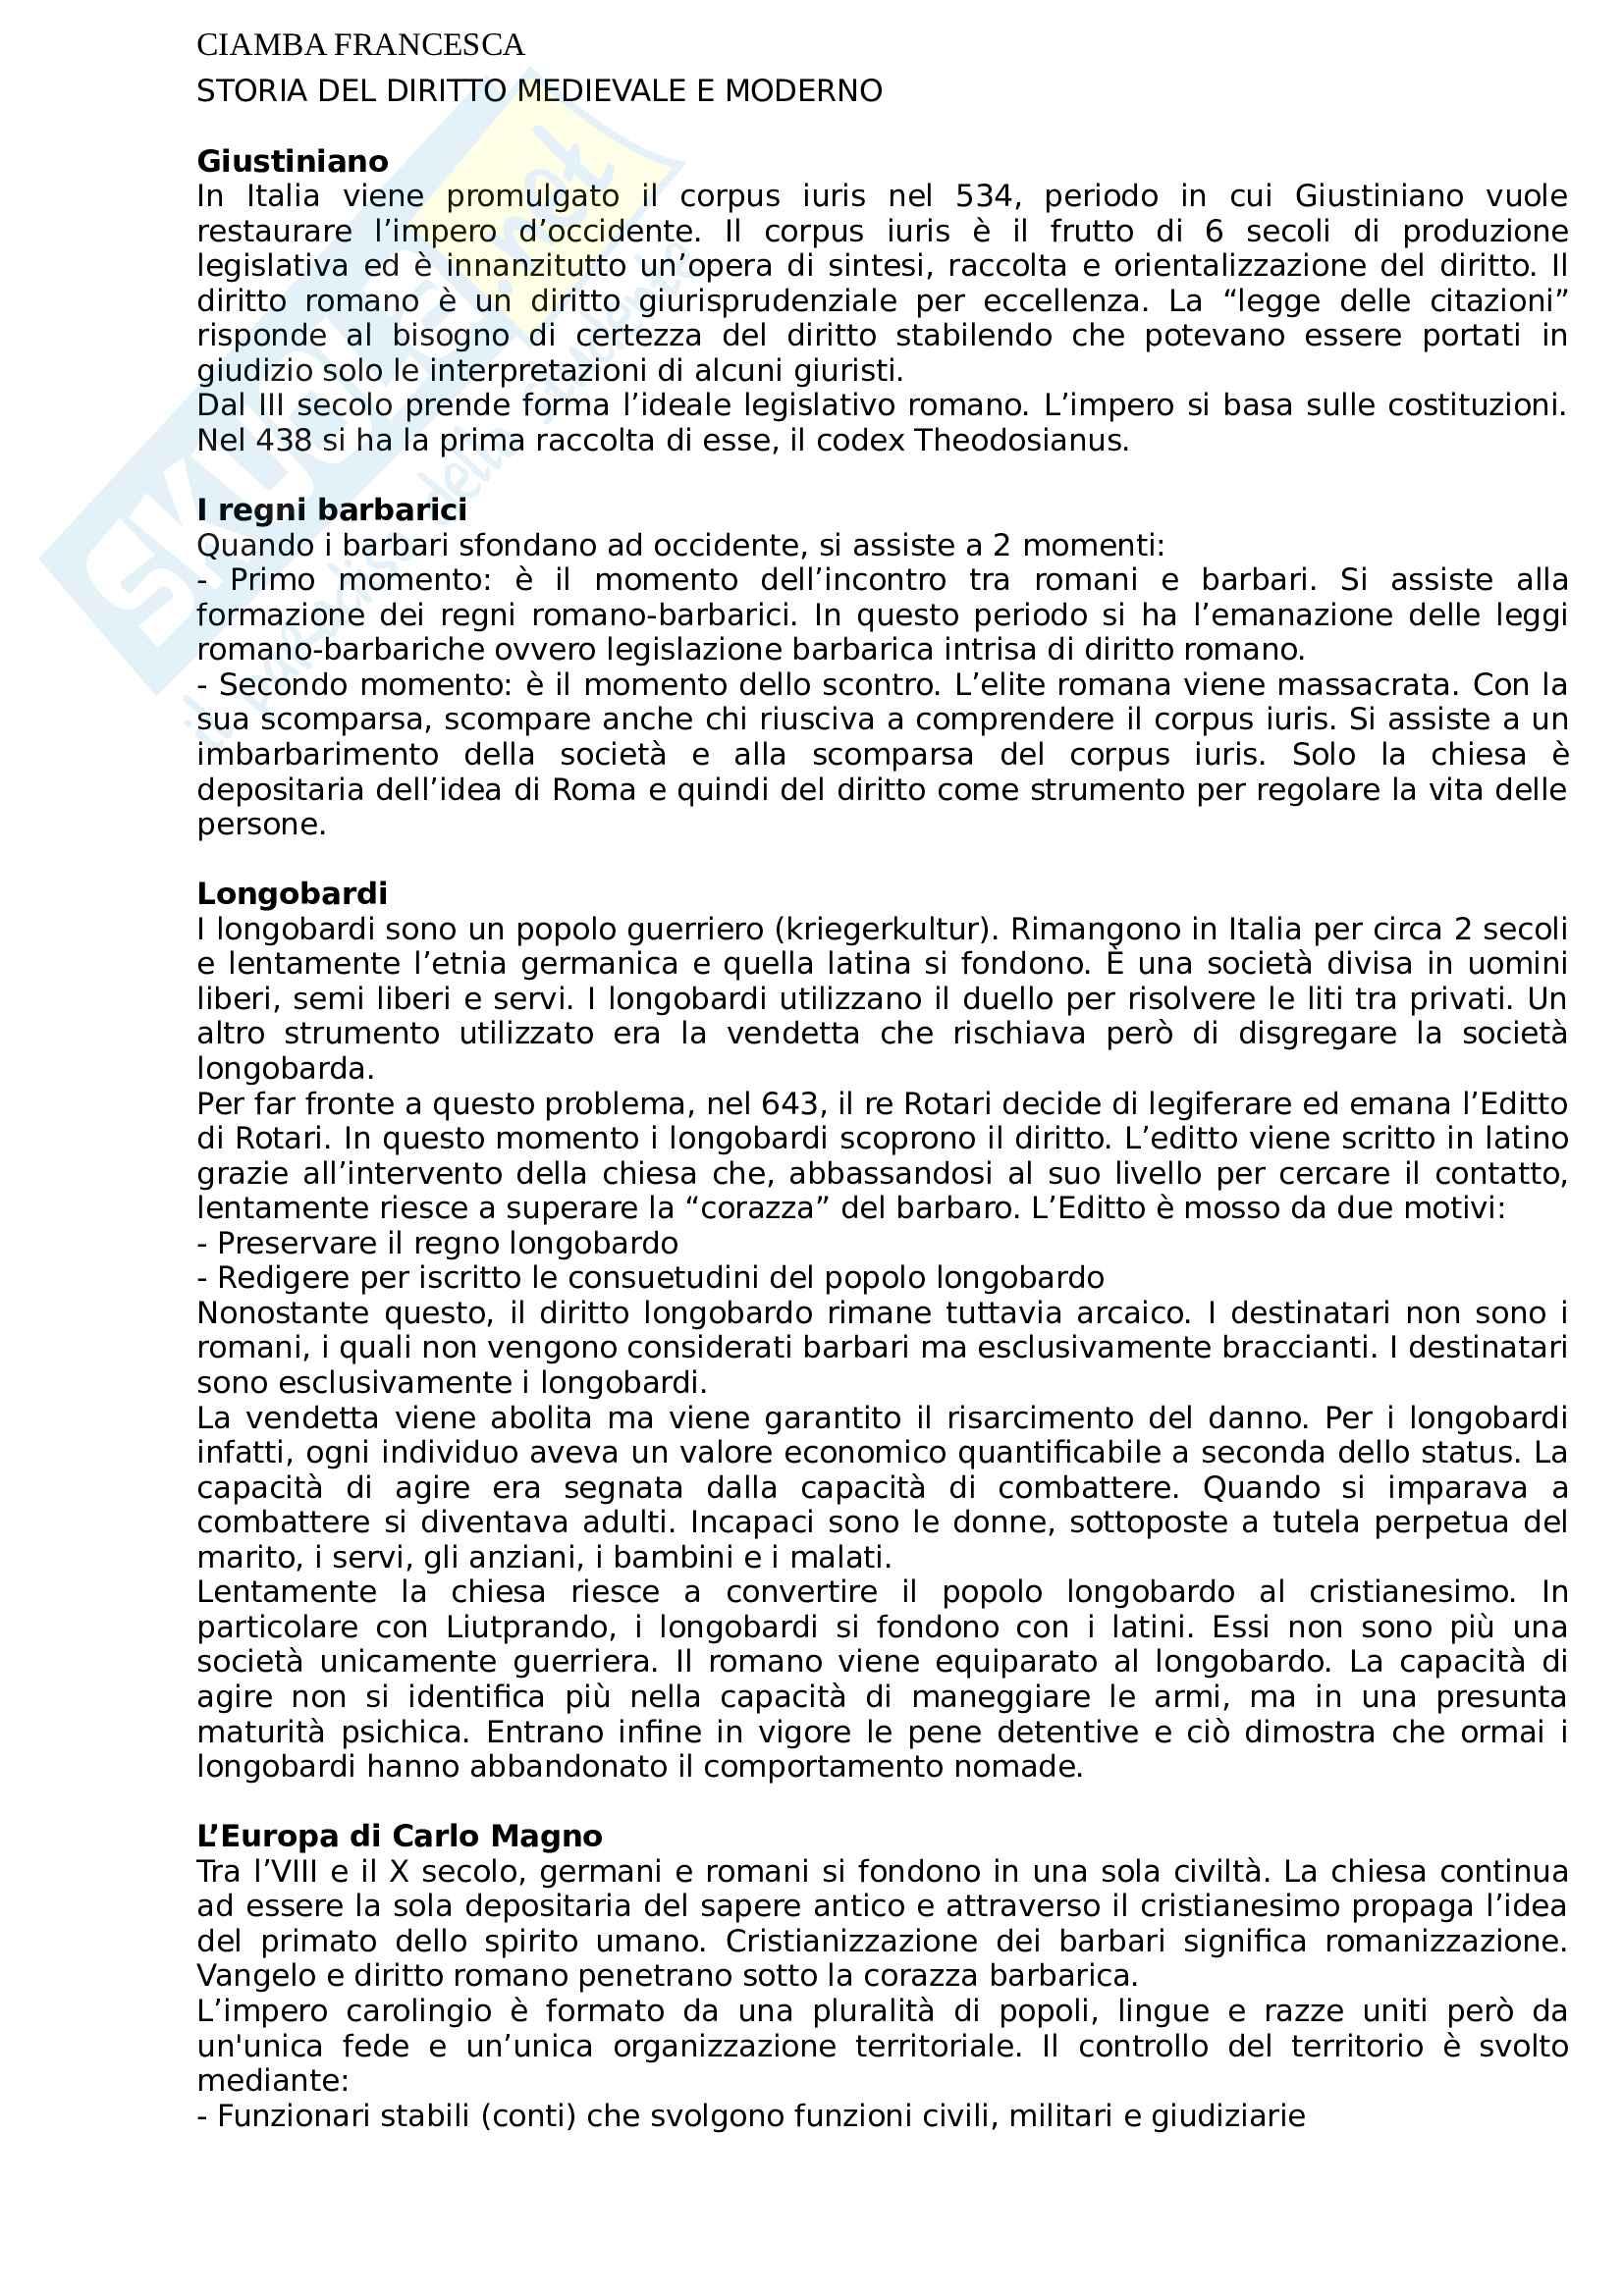 Appunti completi Storia del diritto medievale e moderno. Prof Stefano Solimano